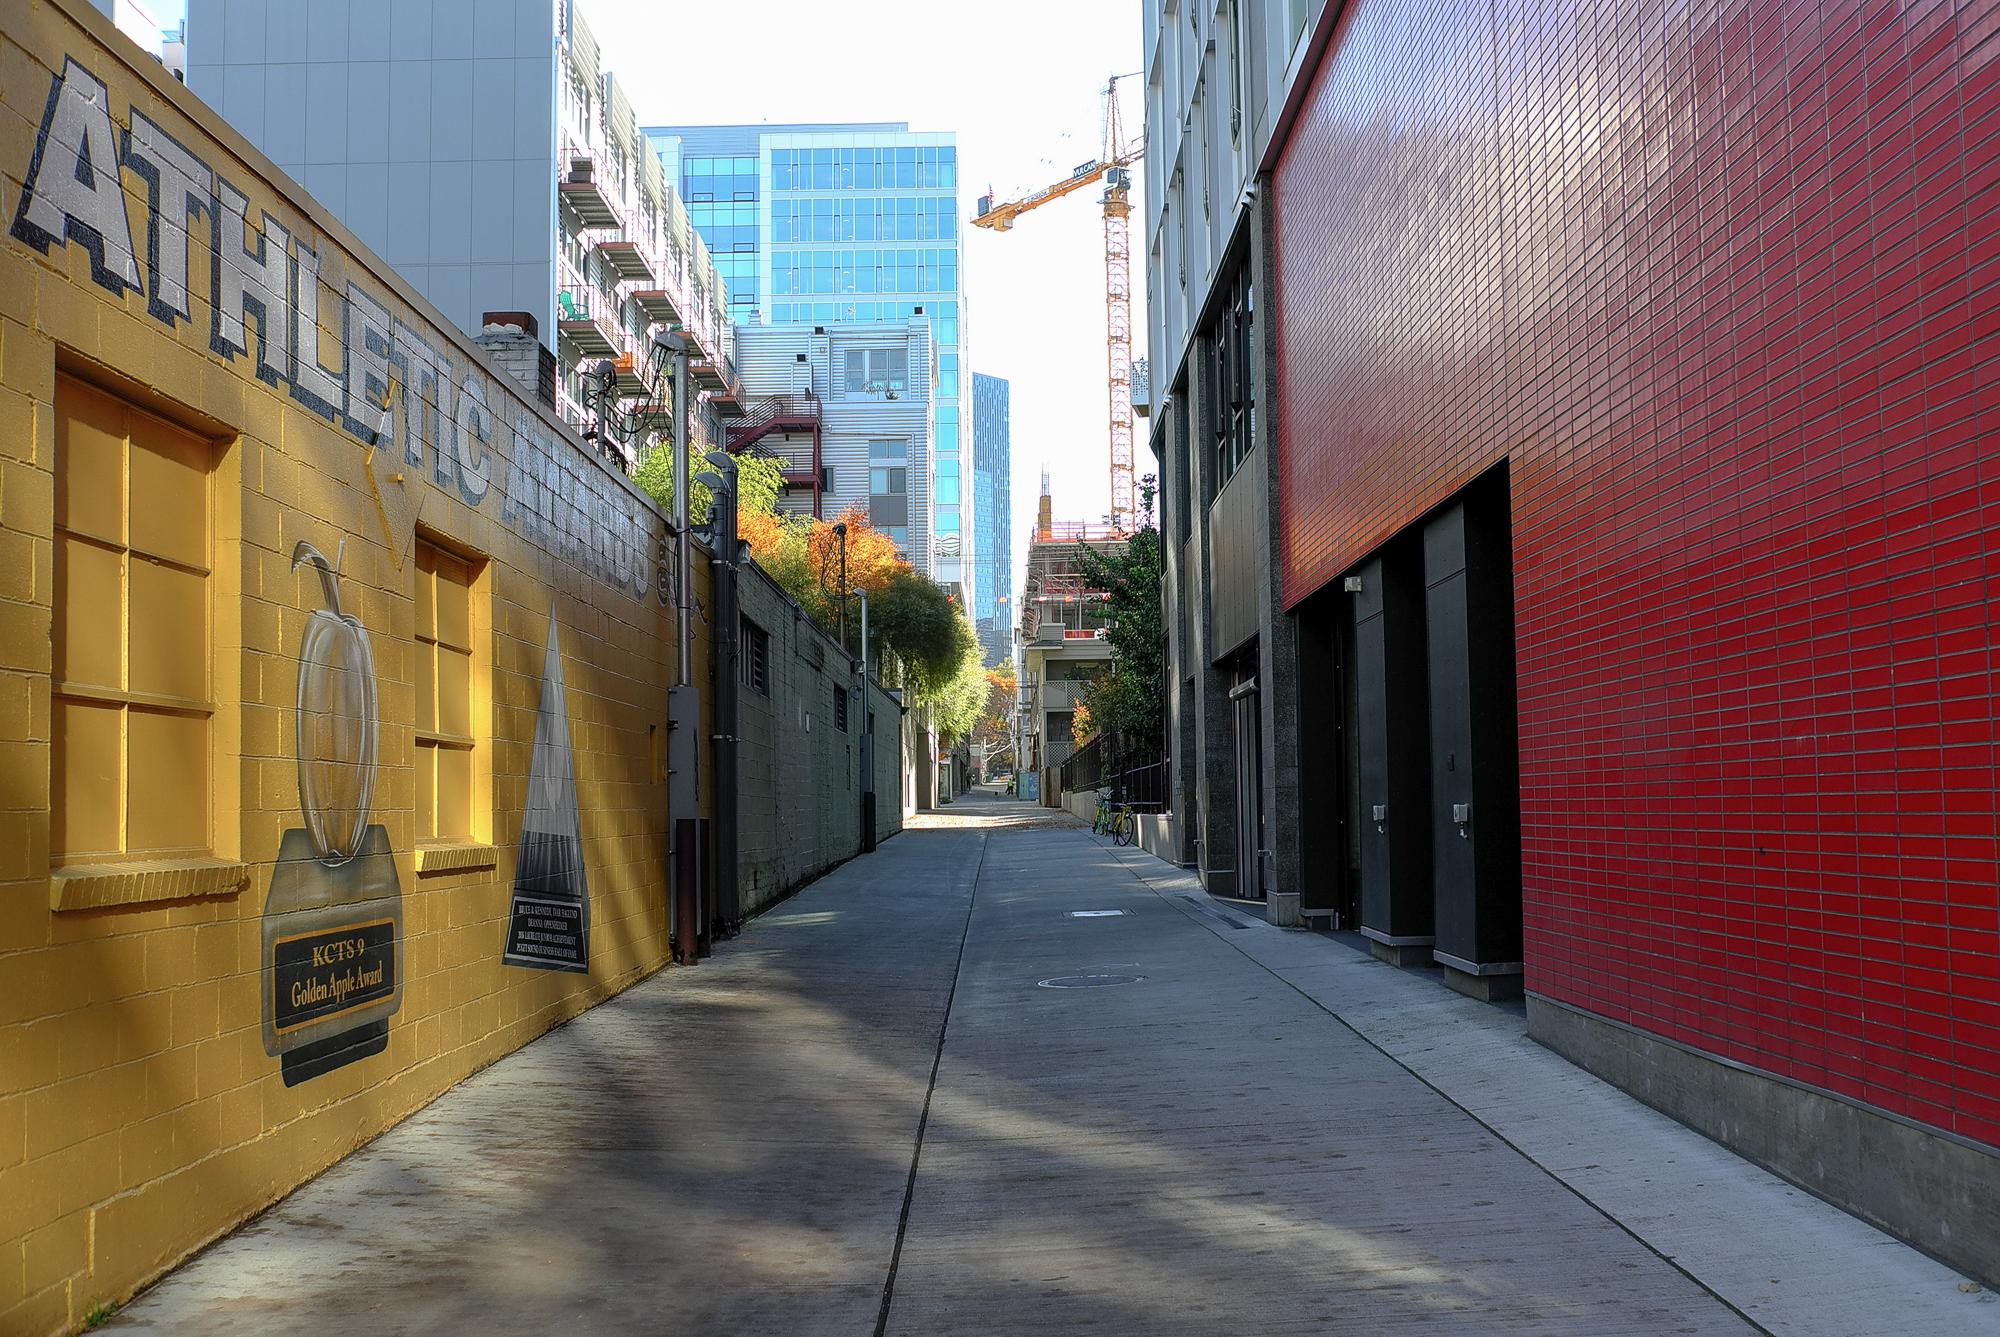 camera alley